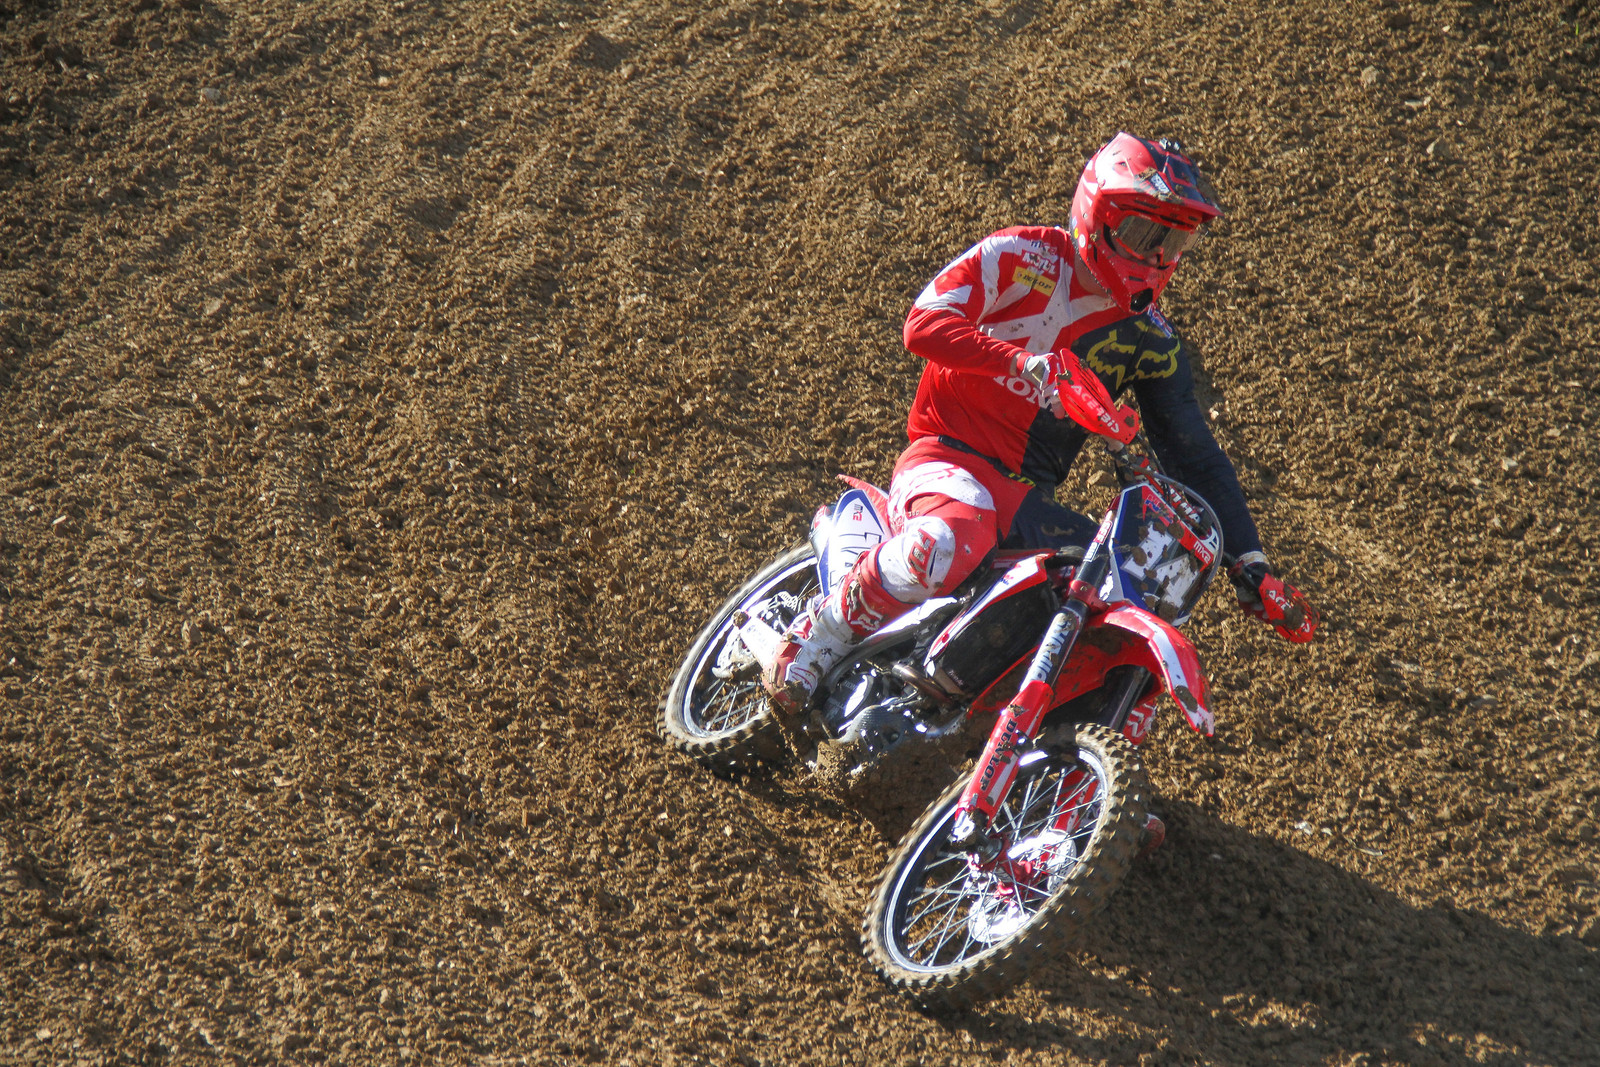 Jed Beaton - ayearinmx - Motocross Pictures - Vital MX